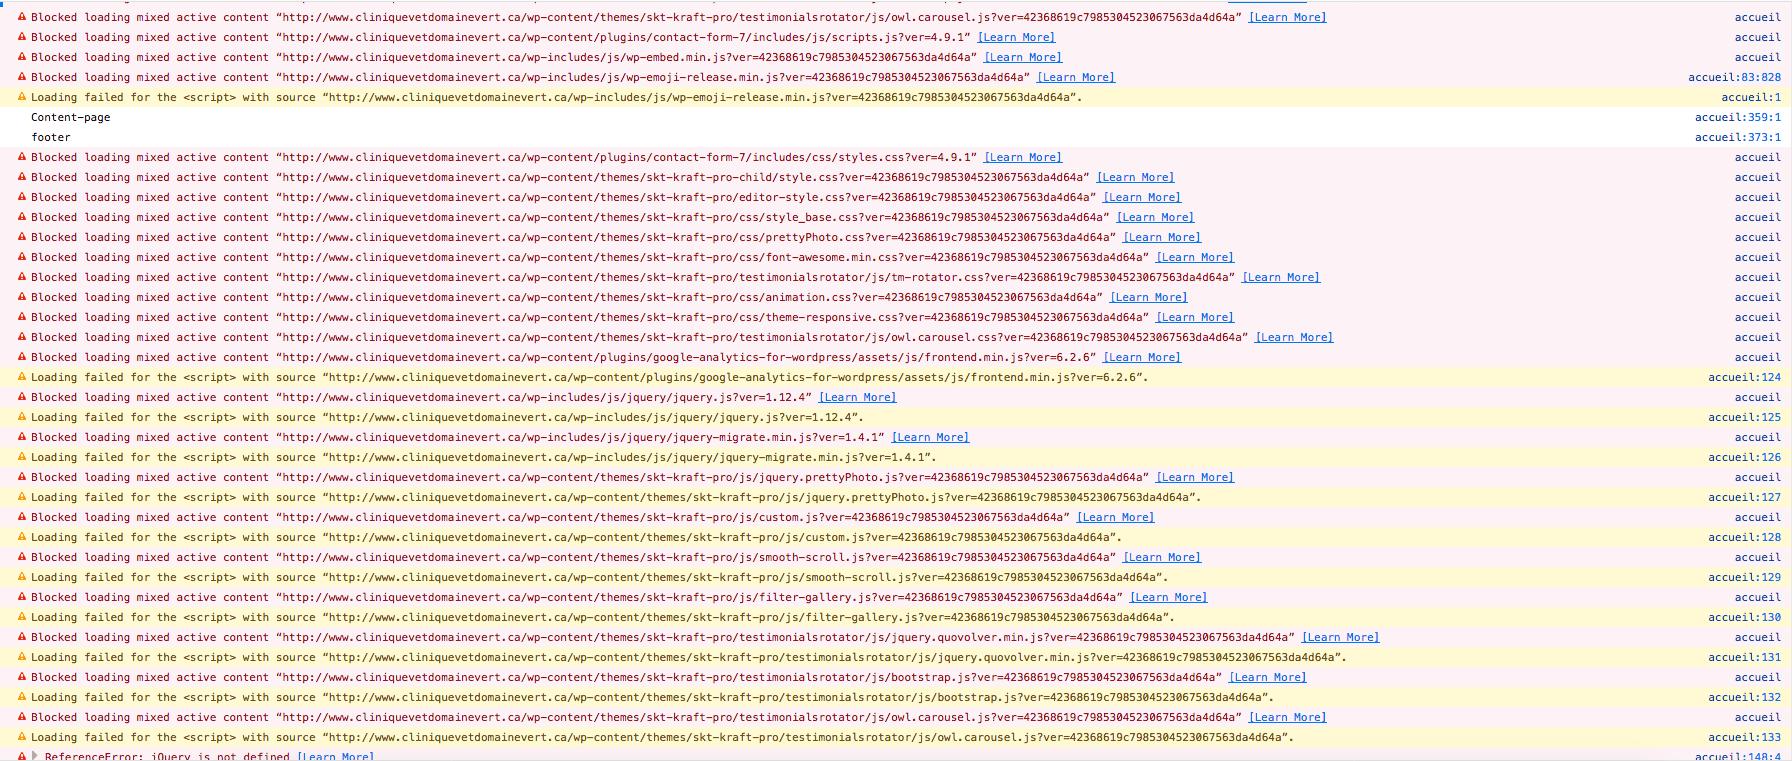 error codes when switching to https